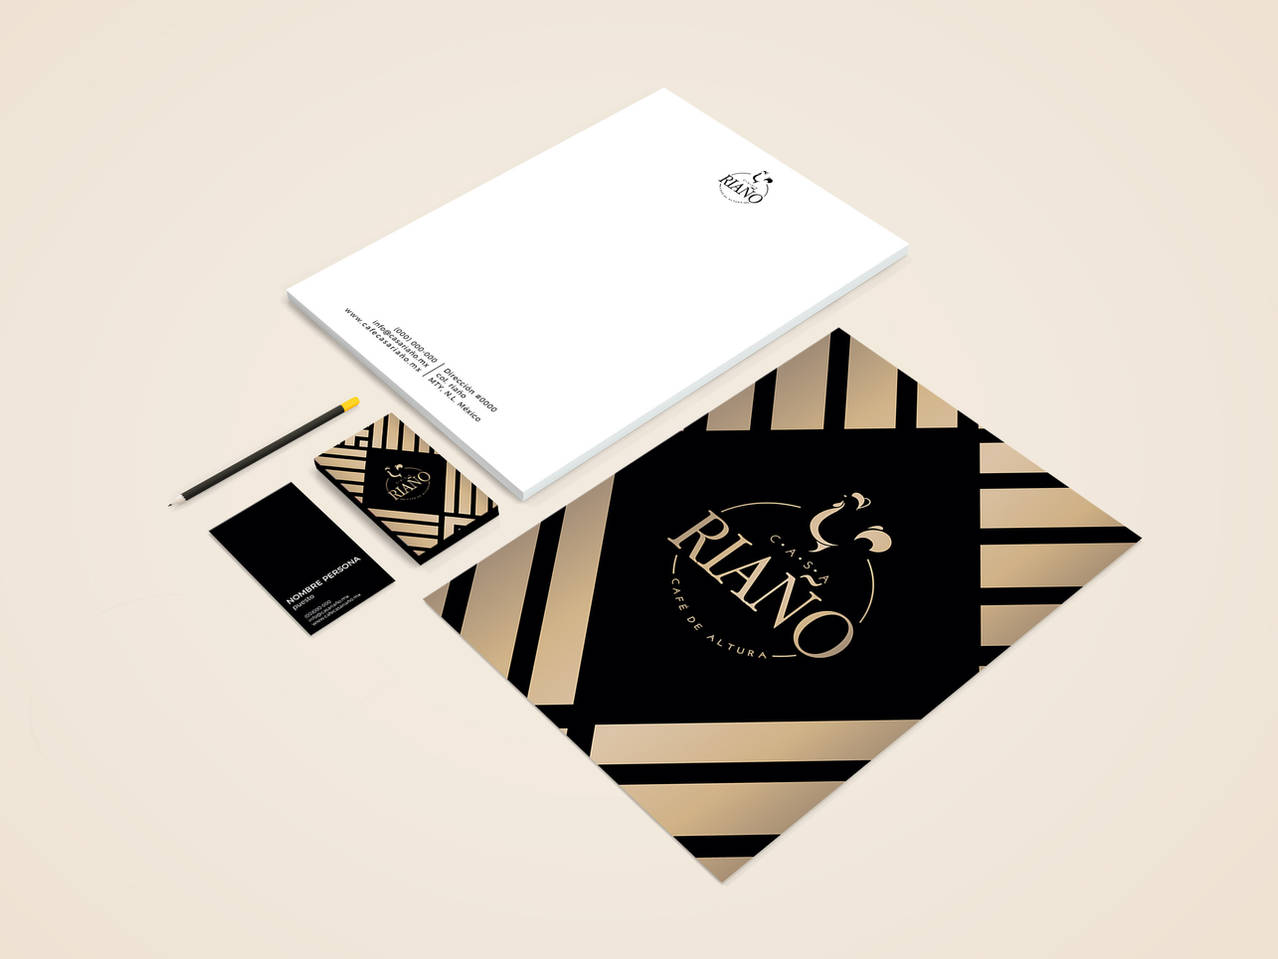 Branding_pape_Riaño-2.jpg